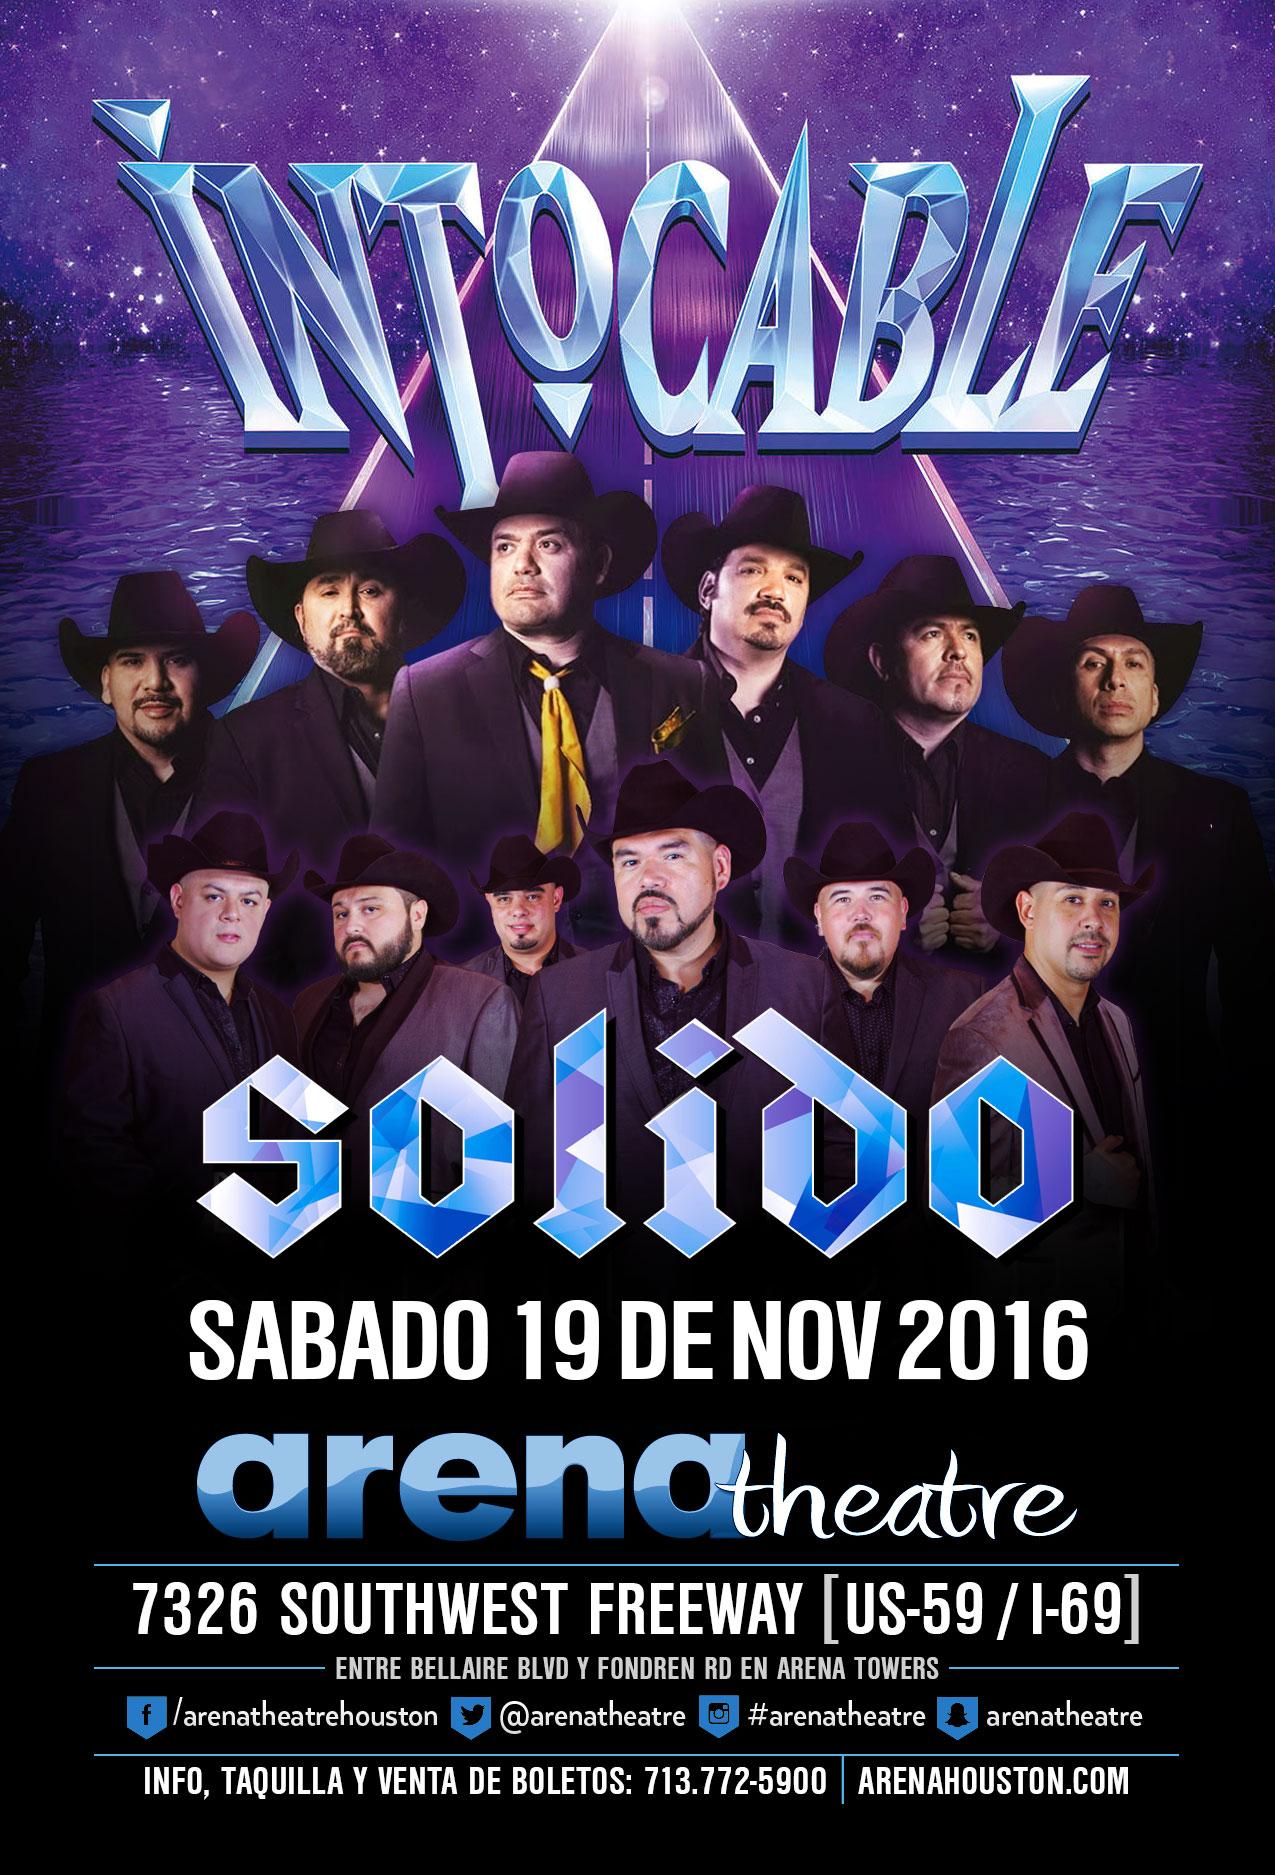 Intocable & Solido in concert on Saturday, November 19, 2016 (hispanichouston.com)